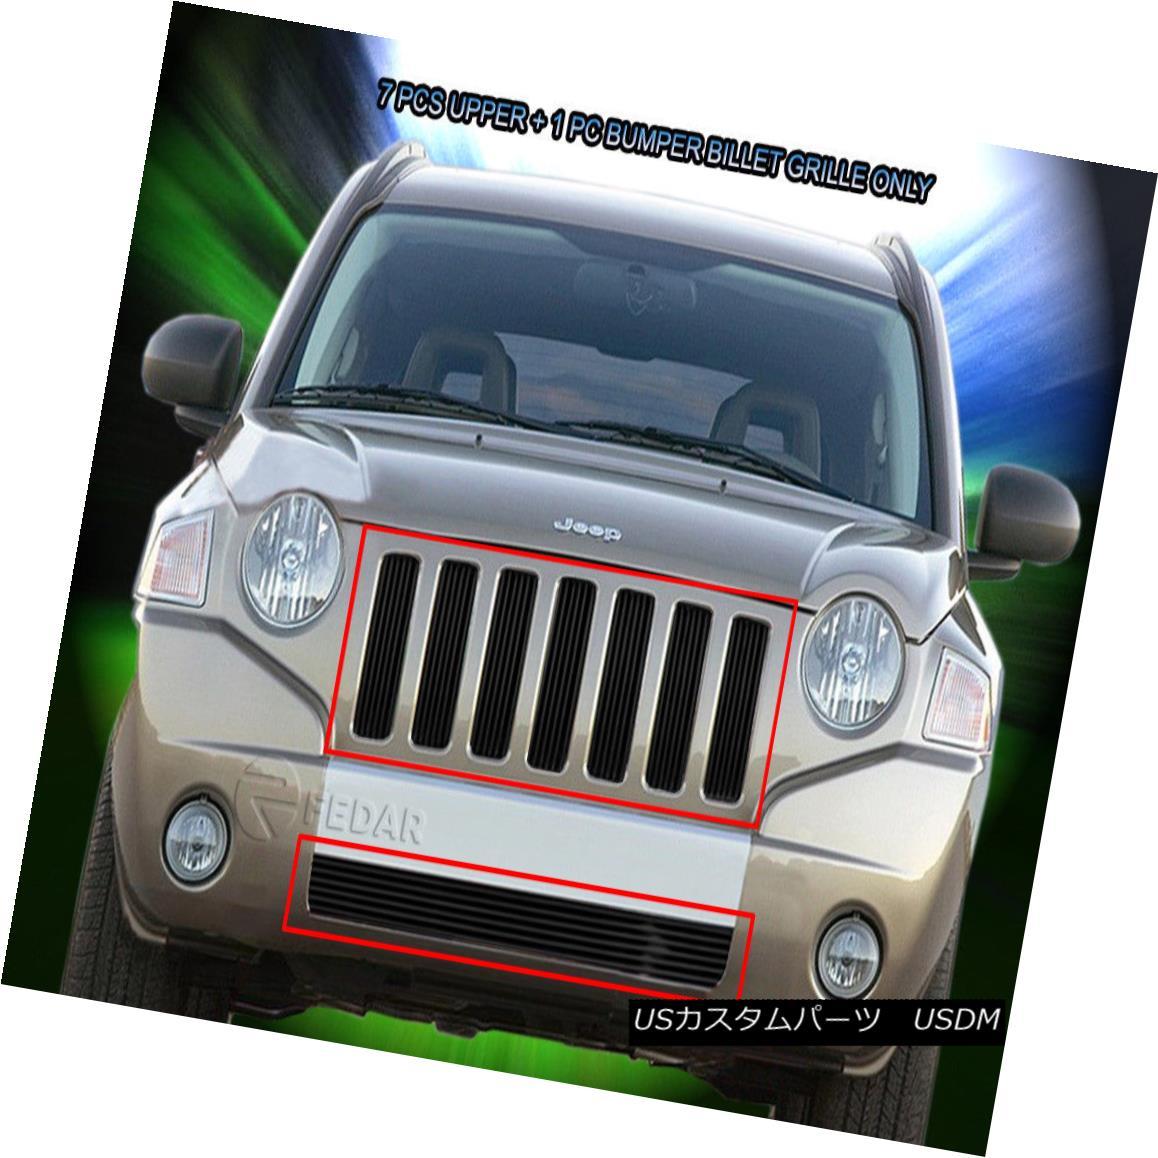 グリル Fedar Fits 06-10 Jeep Compass Billet Grille Combo Insert フェルールフィット06-10ジープコンパスビレットグリルコンボインサート